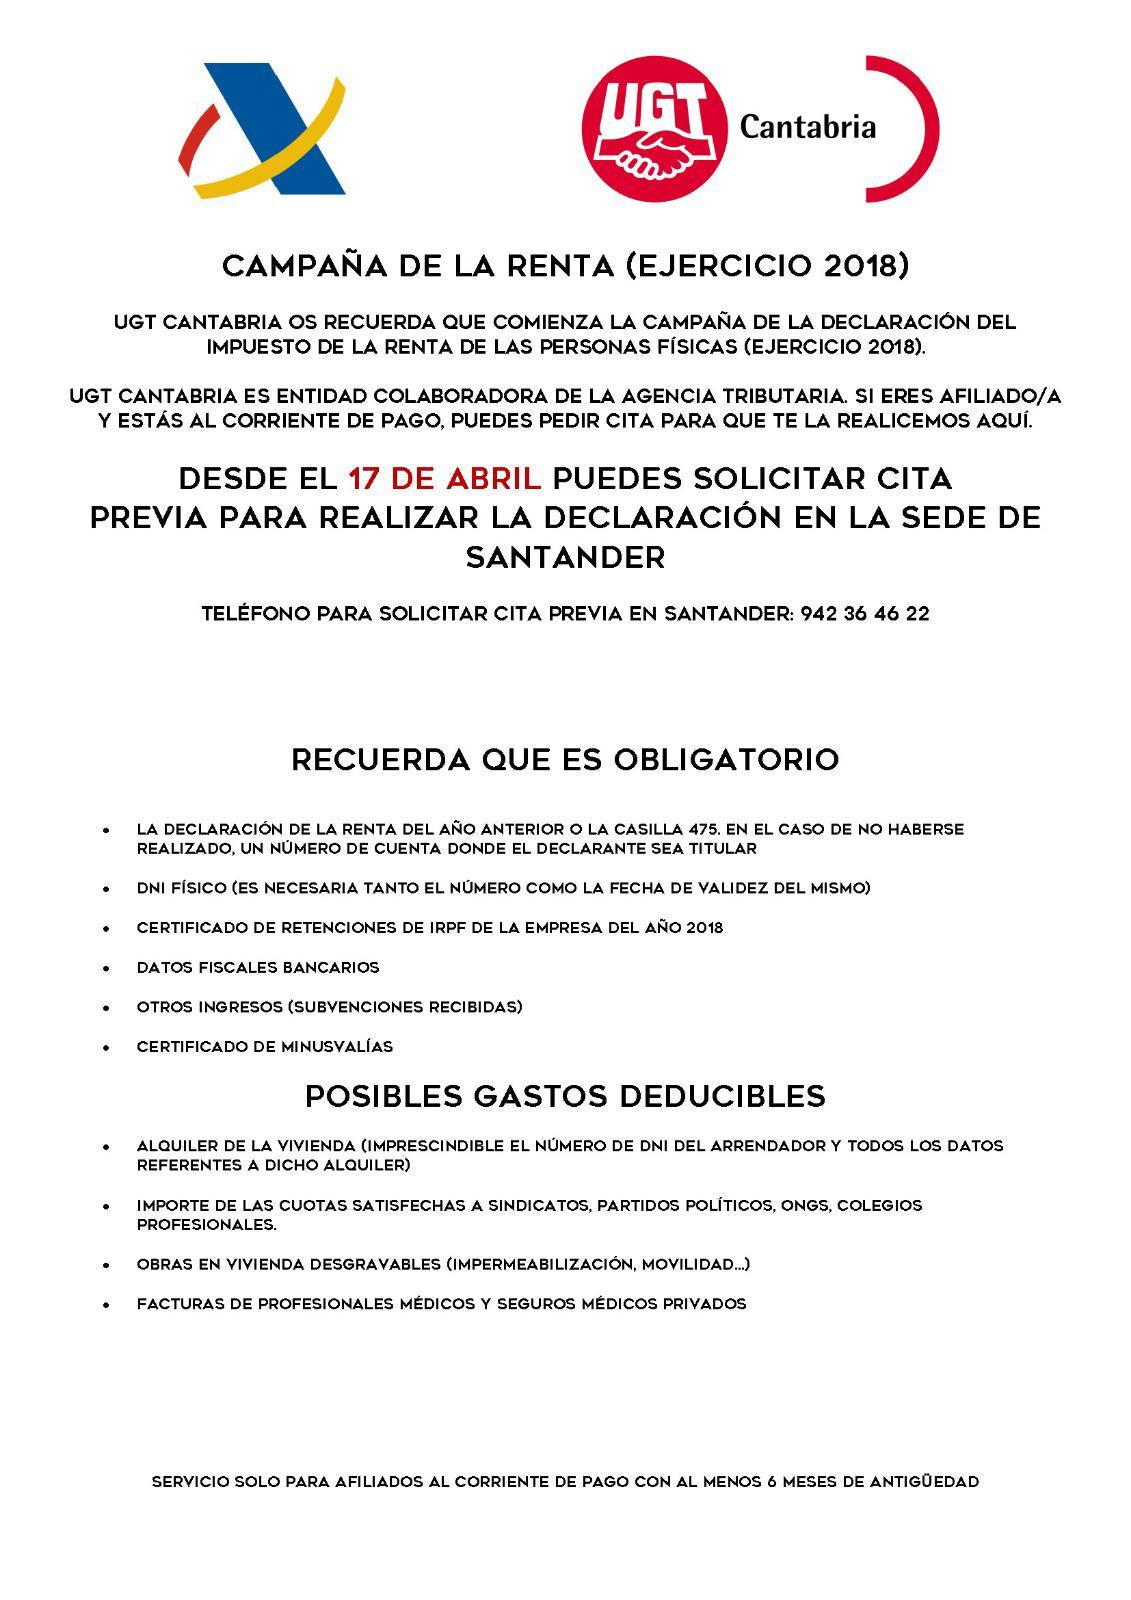 CAMPAÑA DE LA RENTA (2018)